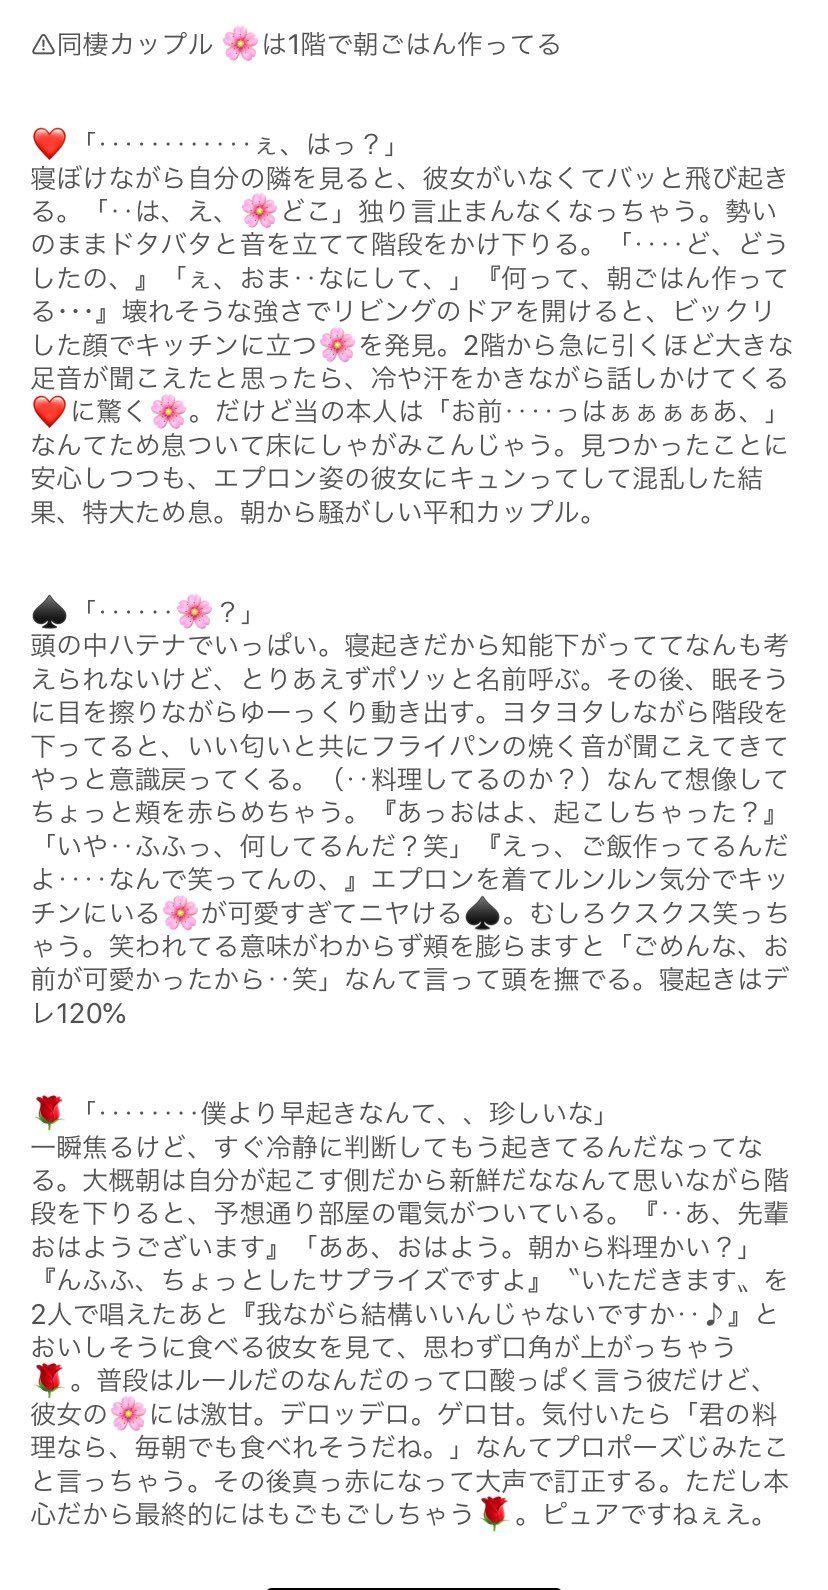 ツイステ 夢 小説 短編 【ツイステ】彼の反応は??【短編集】 - 小説